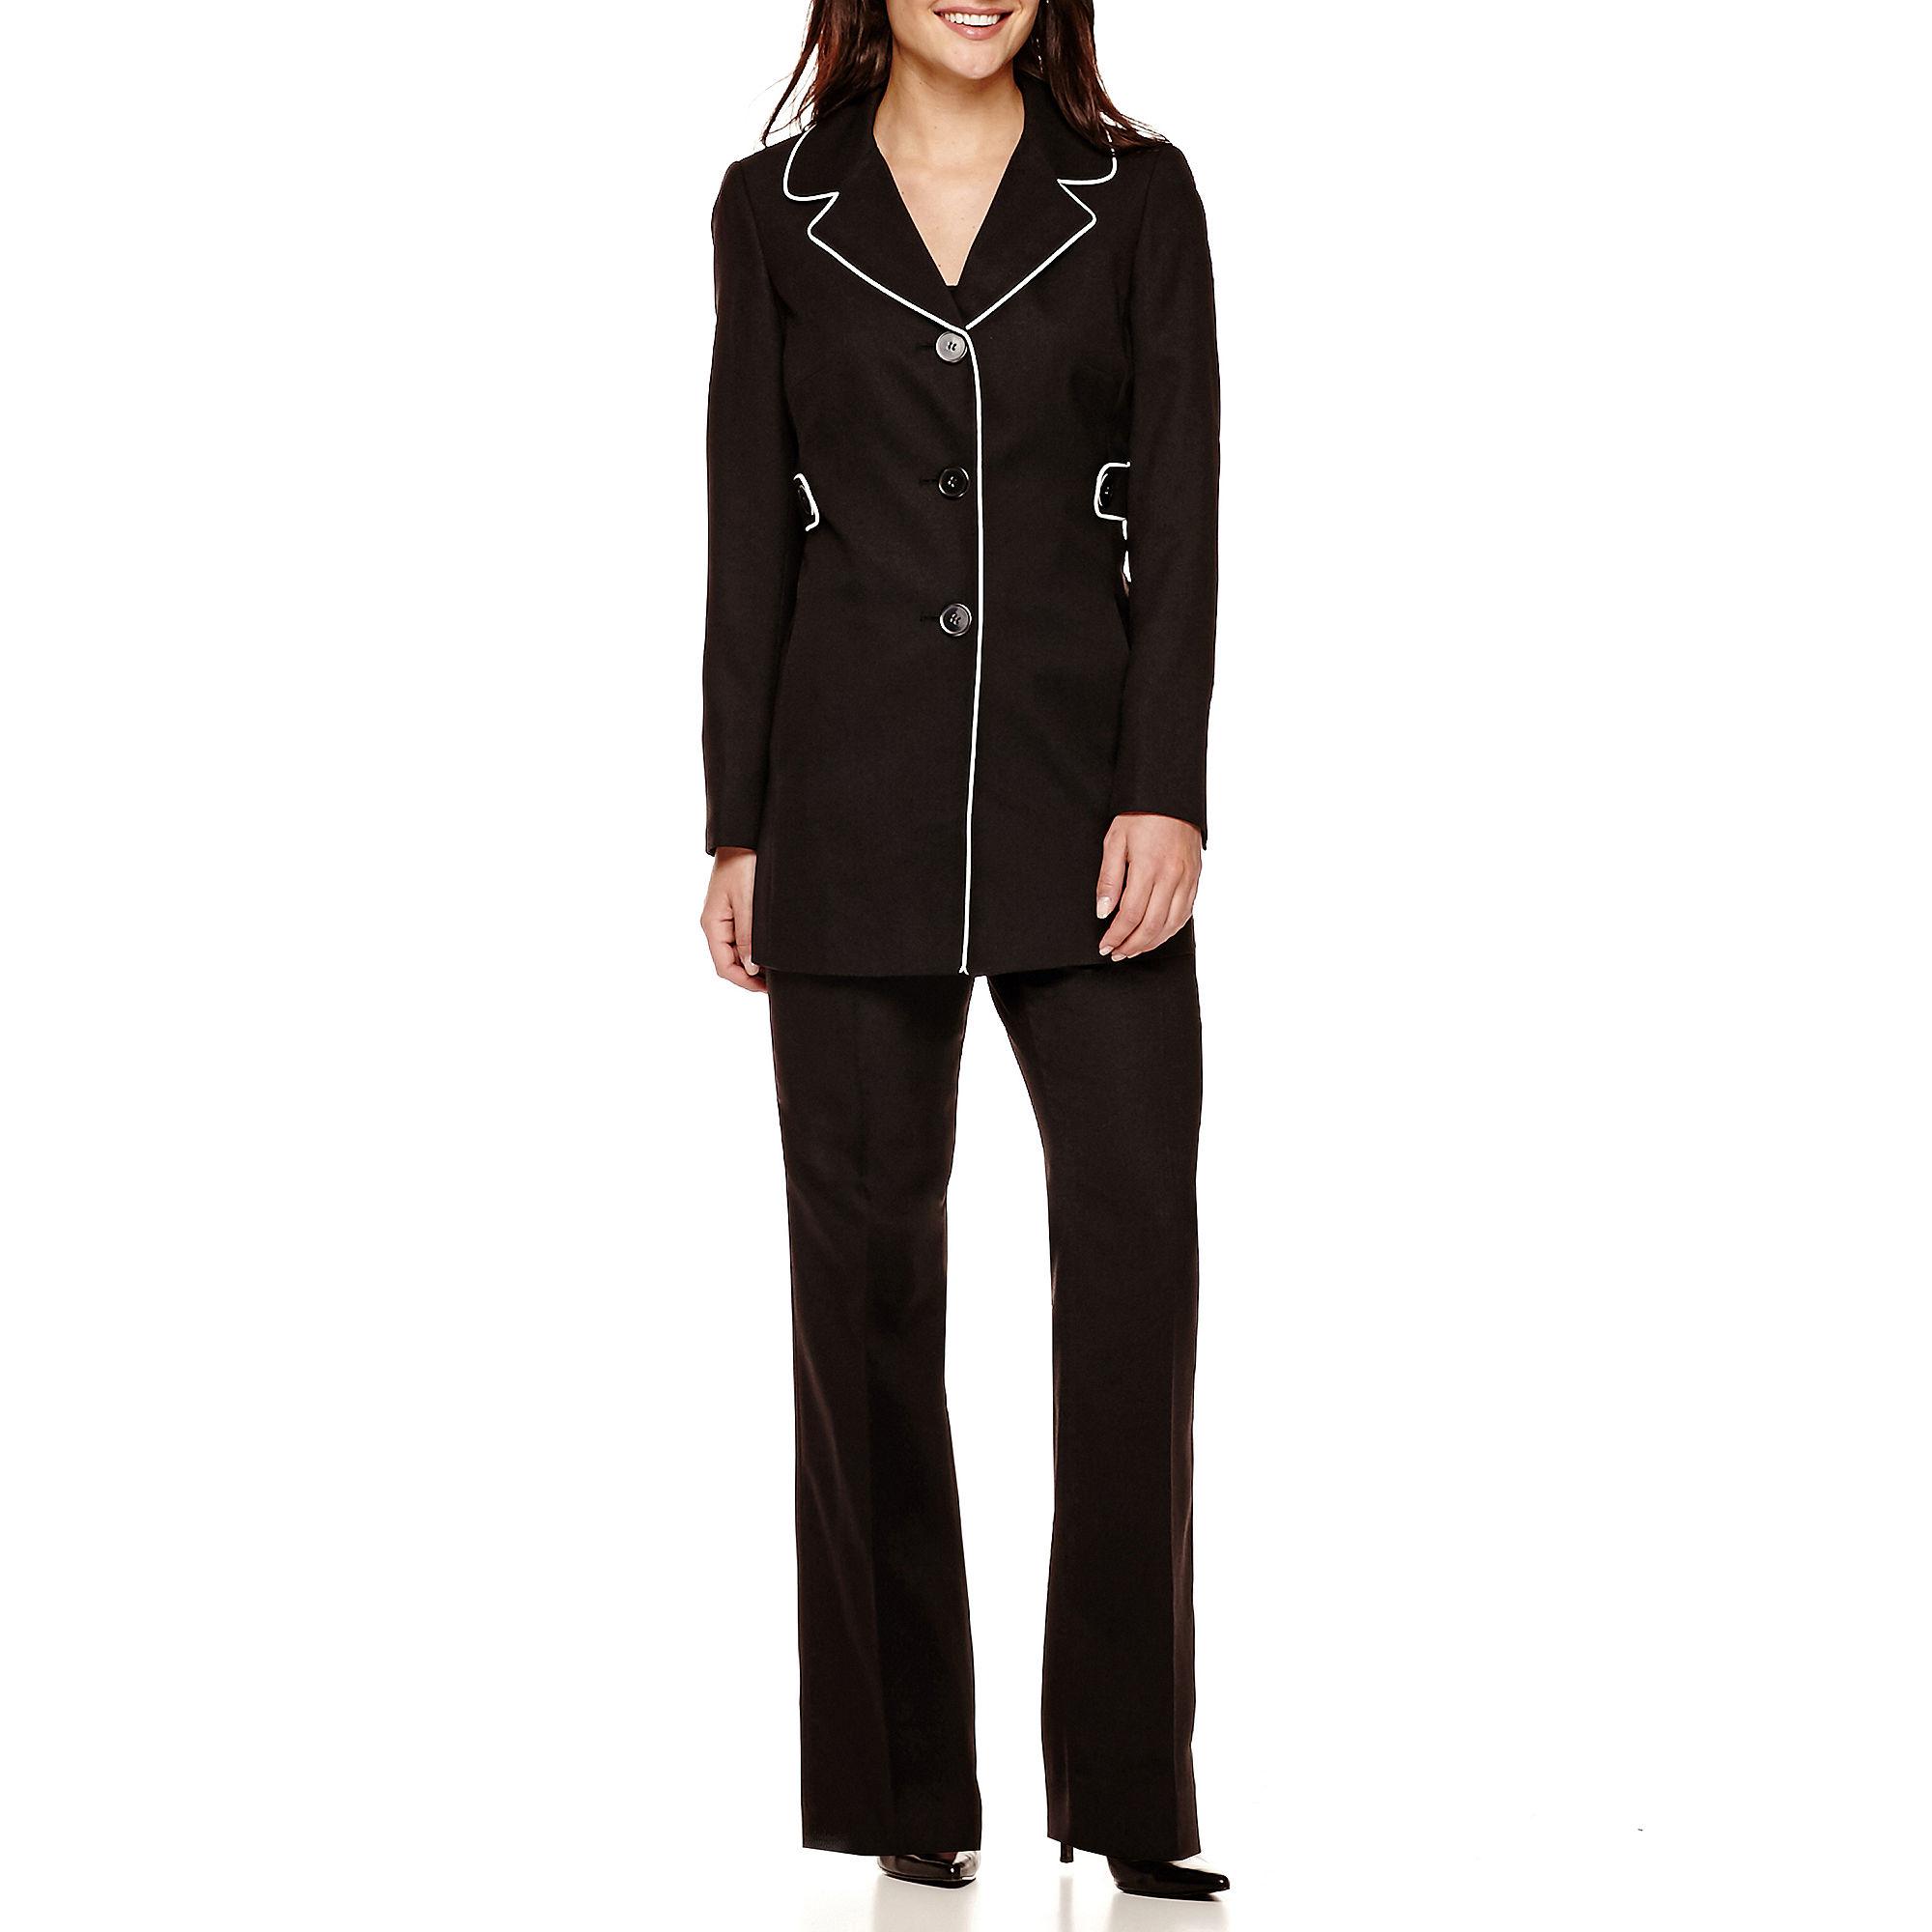 Le Suit Crepe 3-Button Piped Pants Suit Set